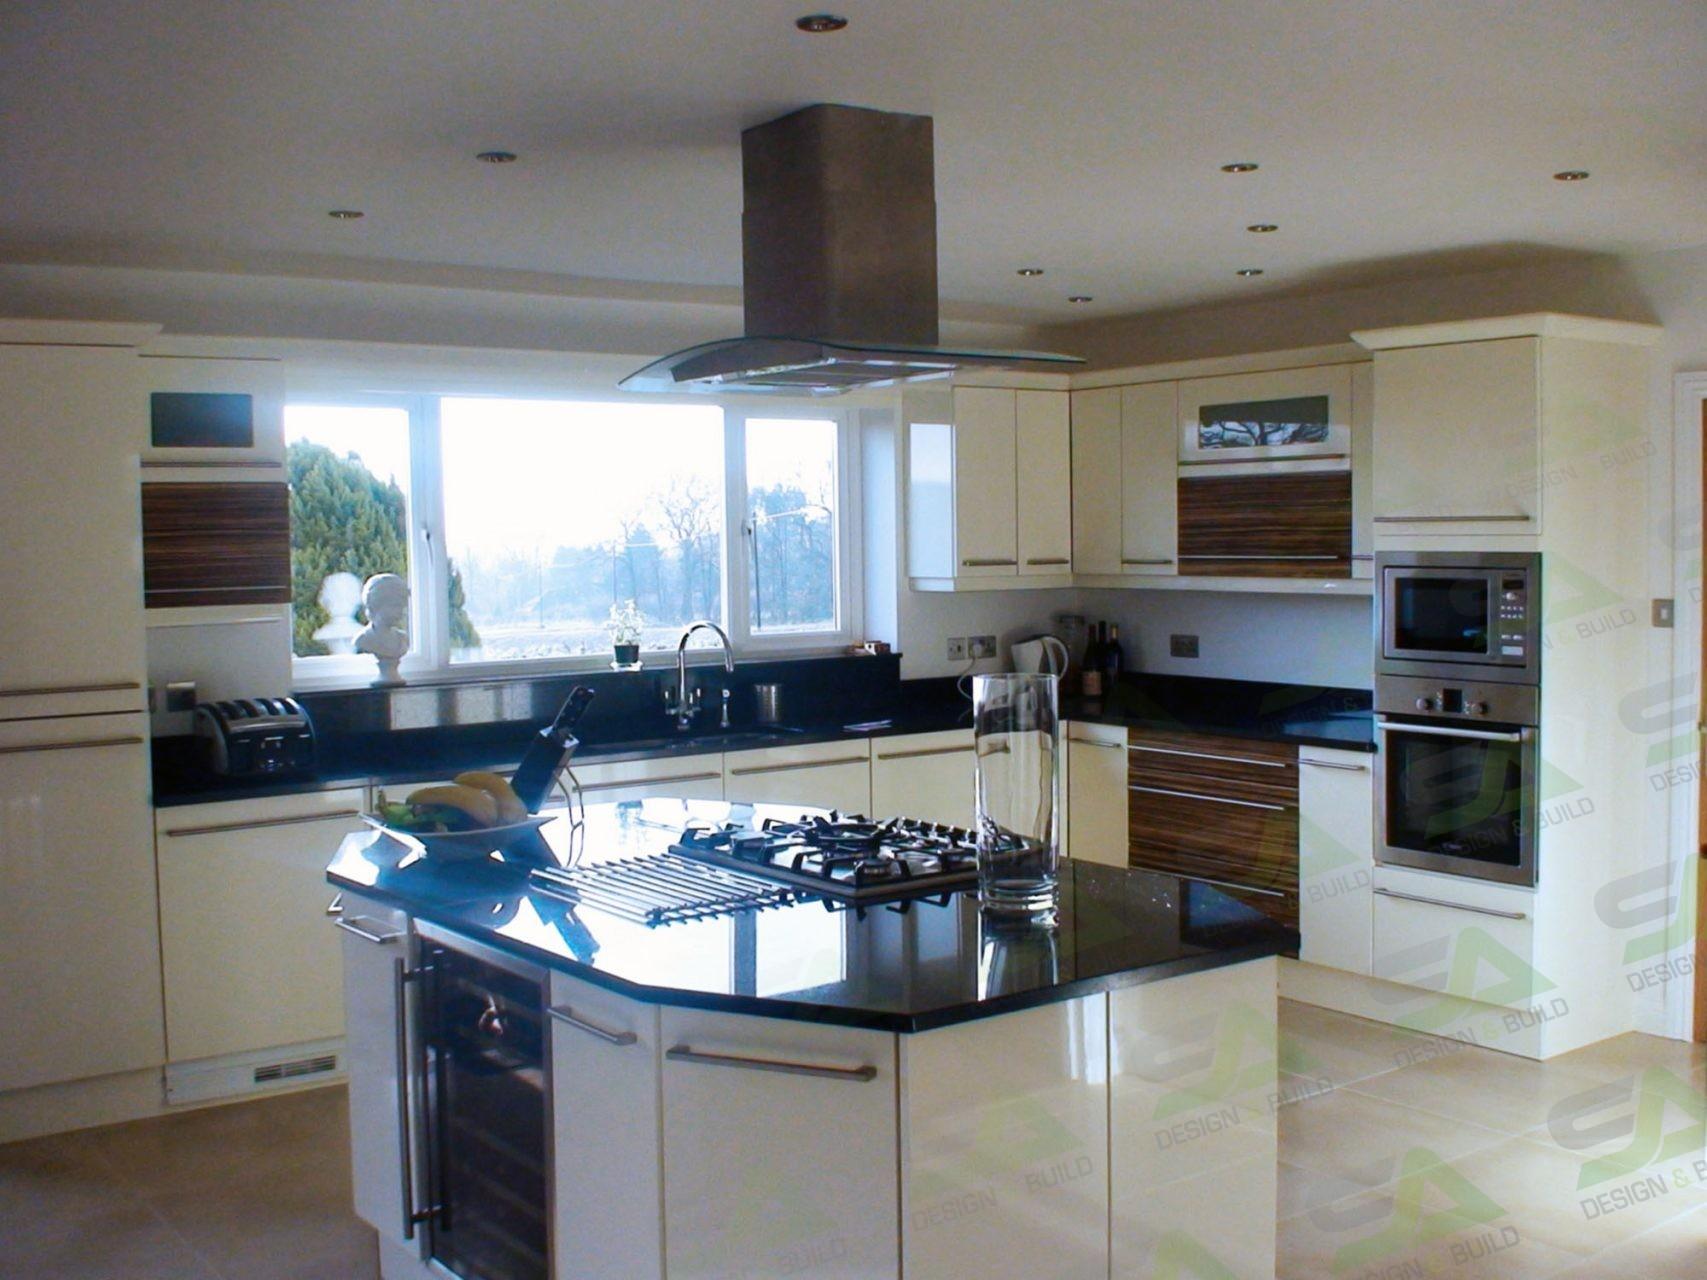 Kitchens • SA Design & Build